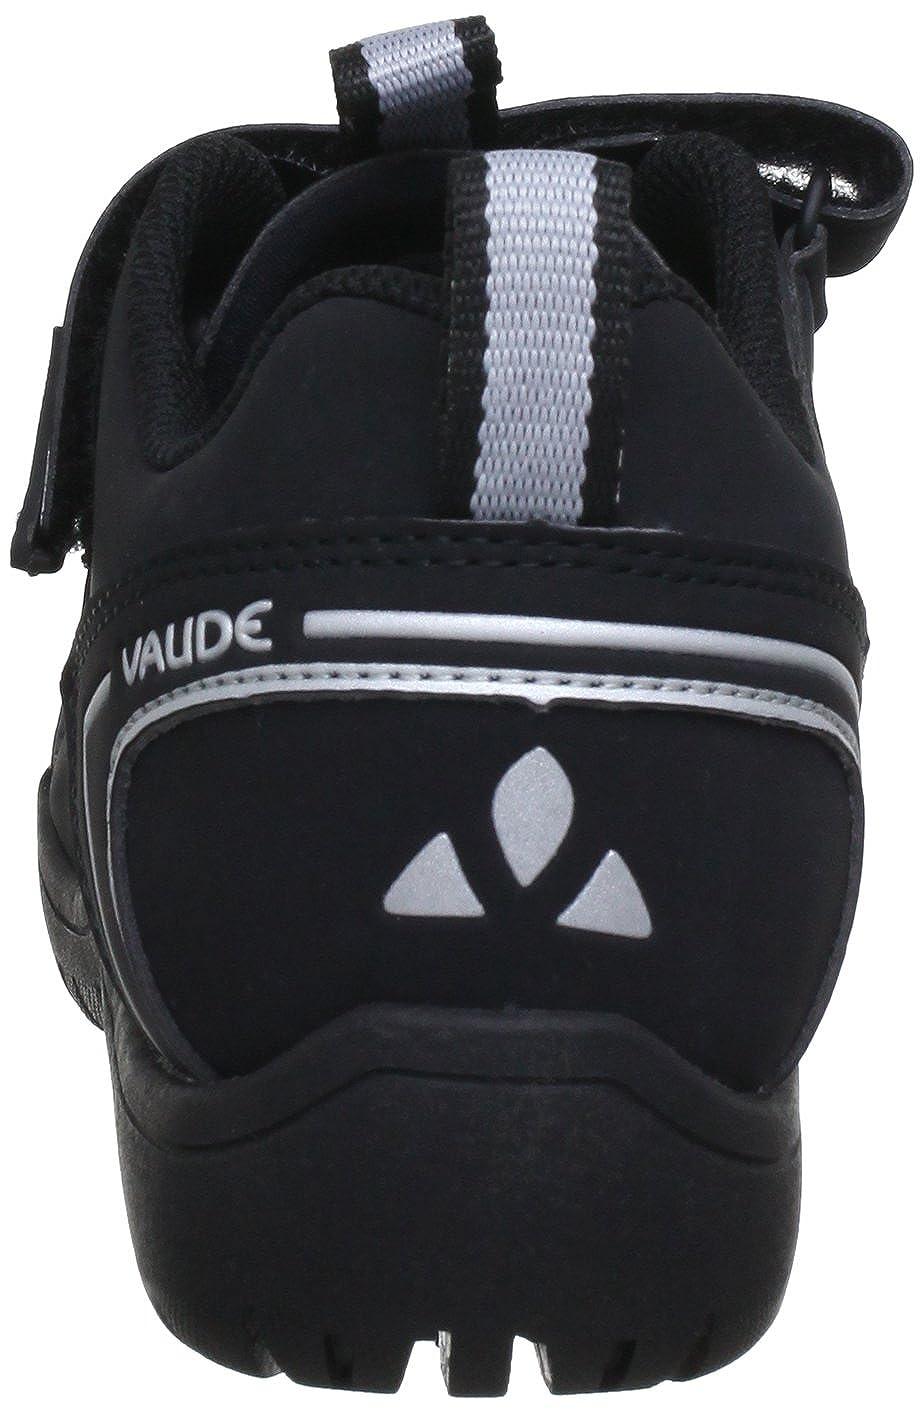 VAUDE Saranda TR Unisex-Erwachsene Radsportschuhe-Mountainbike (schwarz Schwarz (schwarz Radsportschuhe-Mountainbike 010) 08b5e7